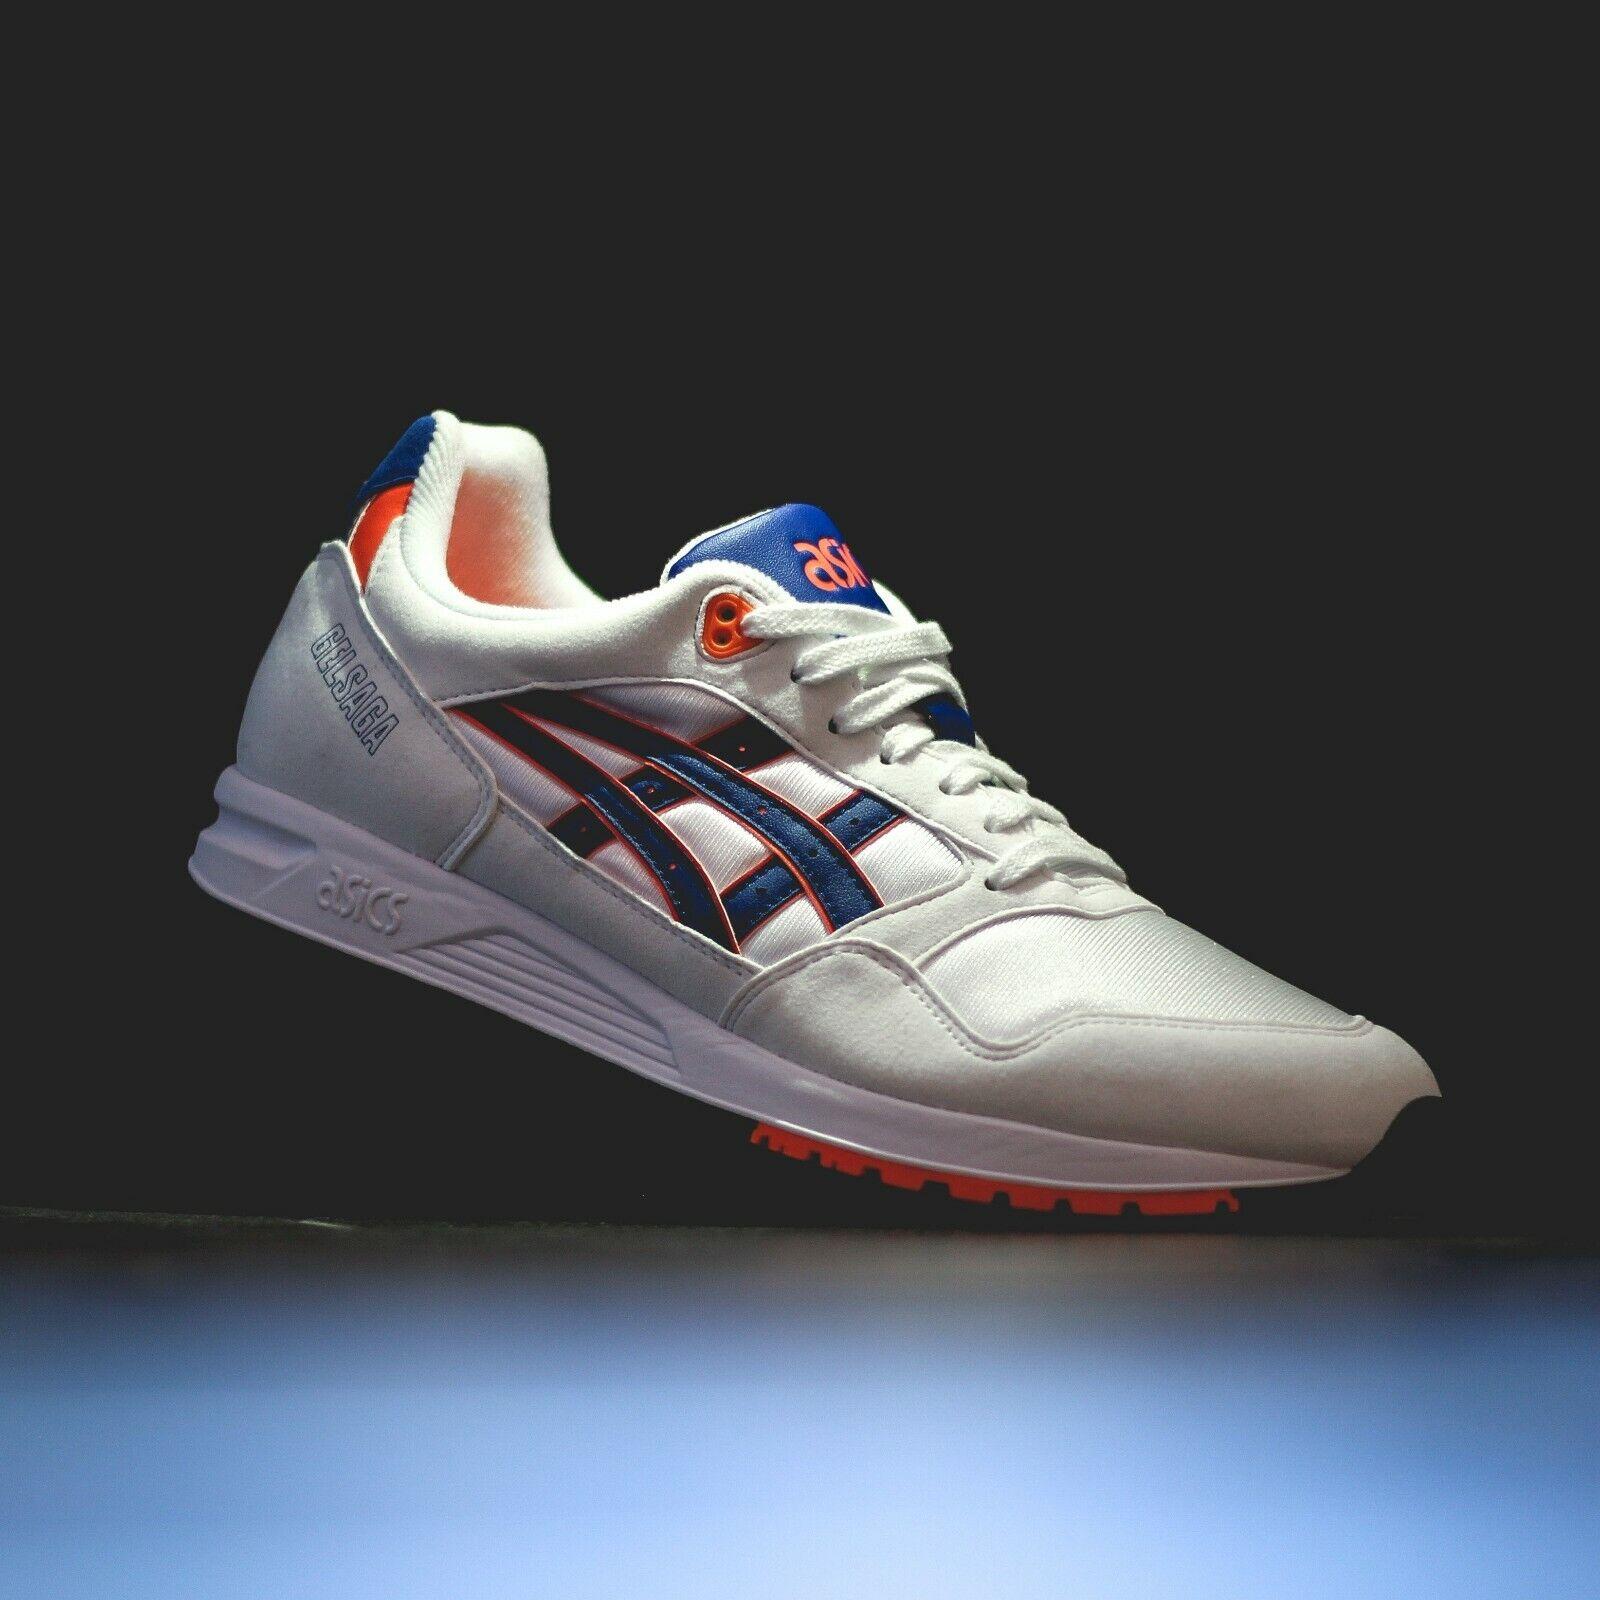 solo para ti Asics Gelsaga Trainers Running Fashion Zapatillas Deportivas zapatos New New New 37.5  todos los bienes son especiales